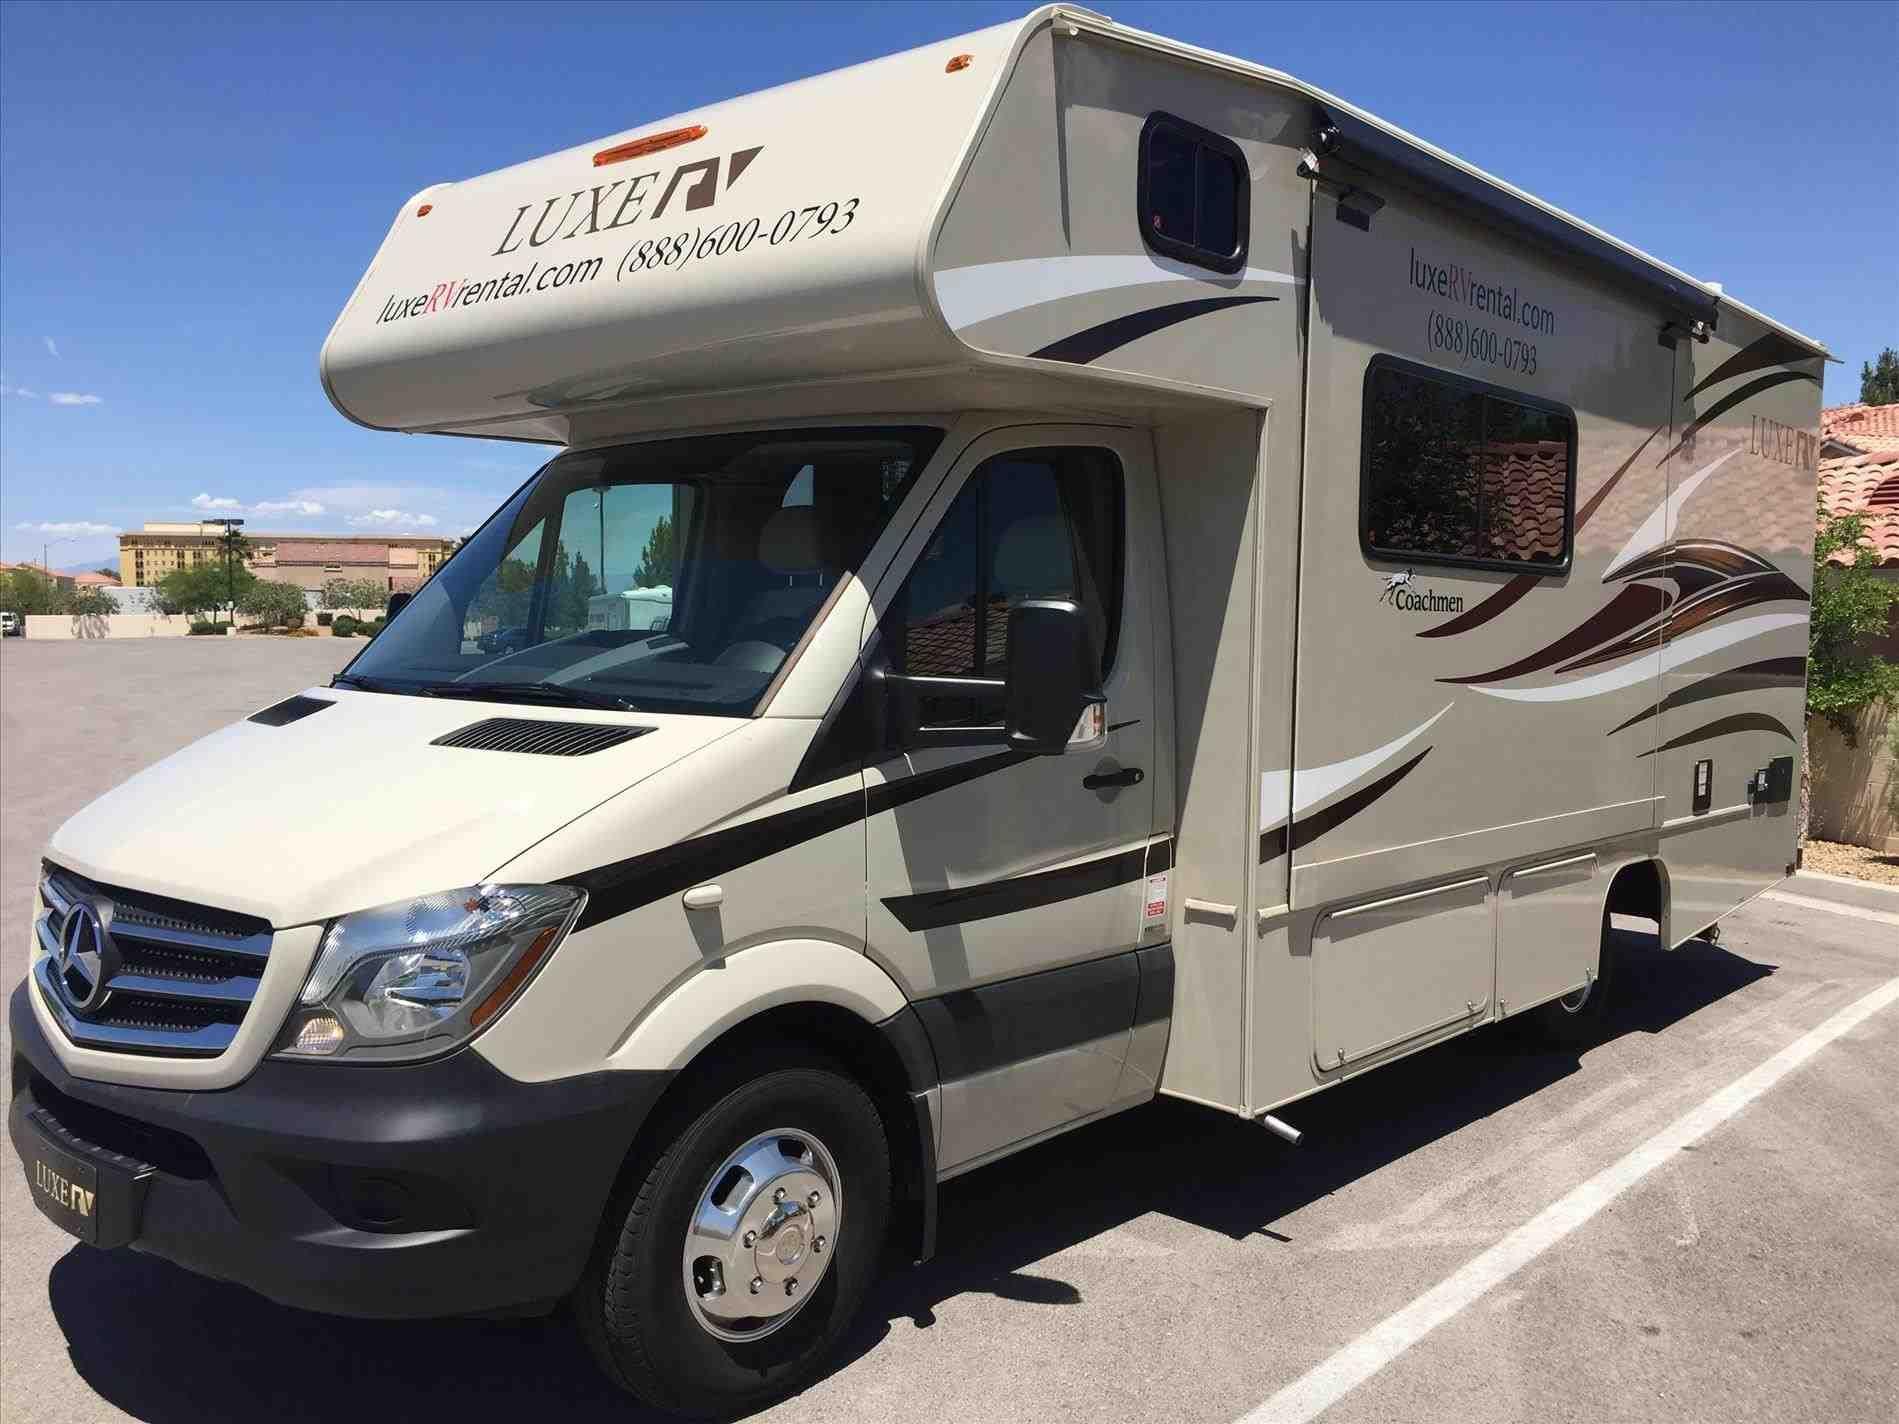 Camping Van Rental Los Angeles See Photos Of A Similar Action Van Weekender Build Here La Strada Avanti Xl Van Camping Recreational Vehicles Tailgate Tent